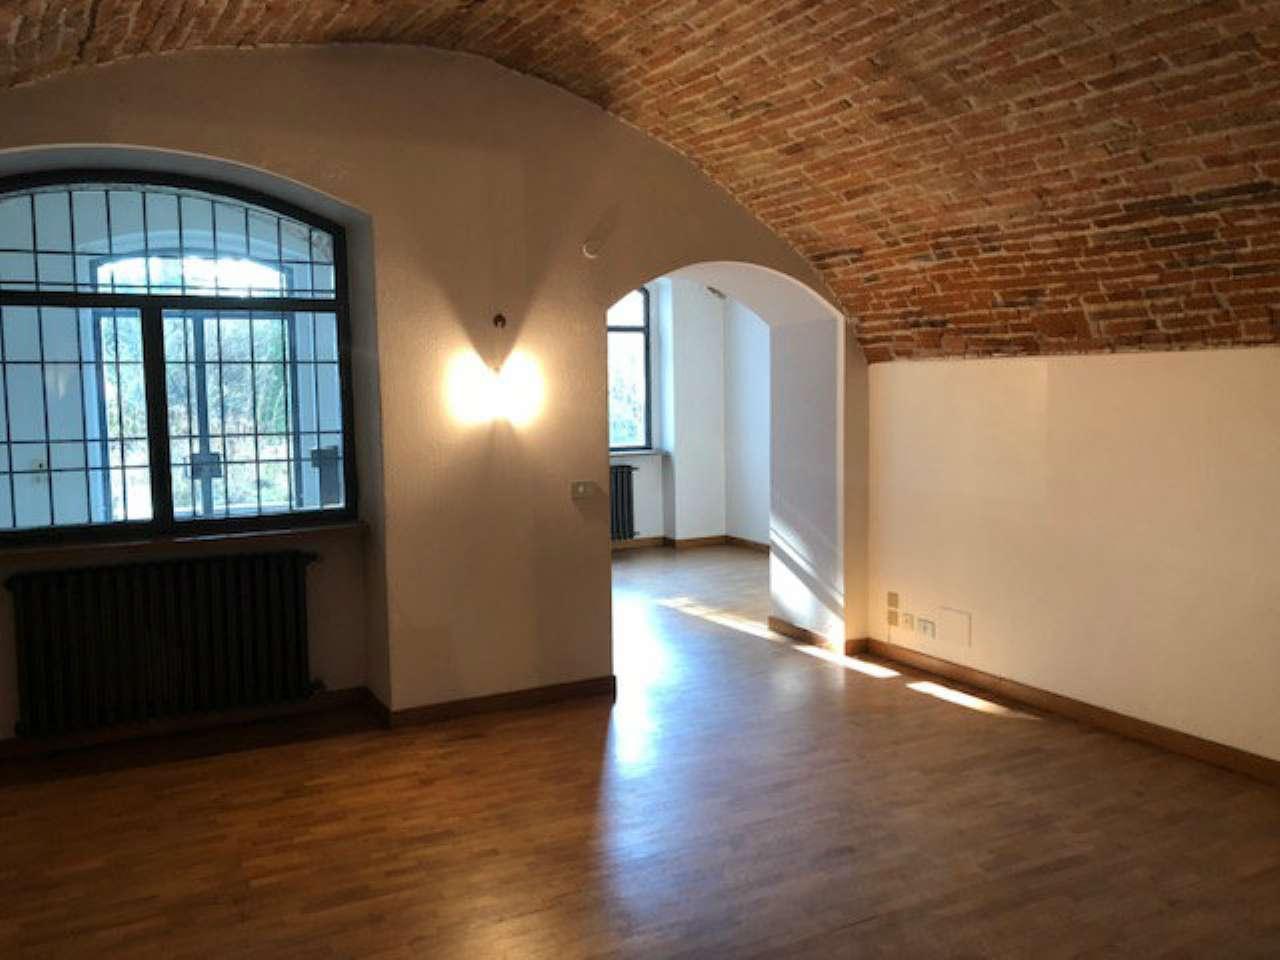 Ufficio / Studio in vendita a Bergamo, 2 locali, prezzo € 220.000 | CambioCasa.it